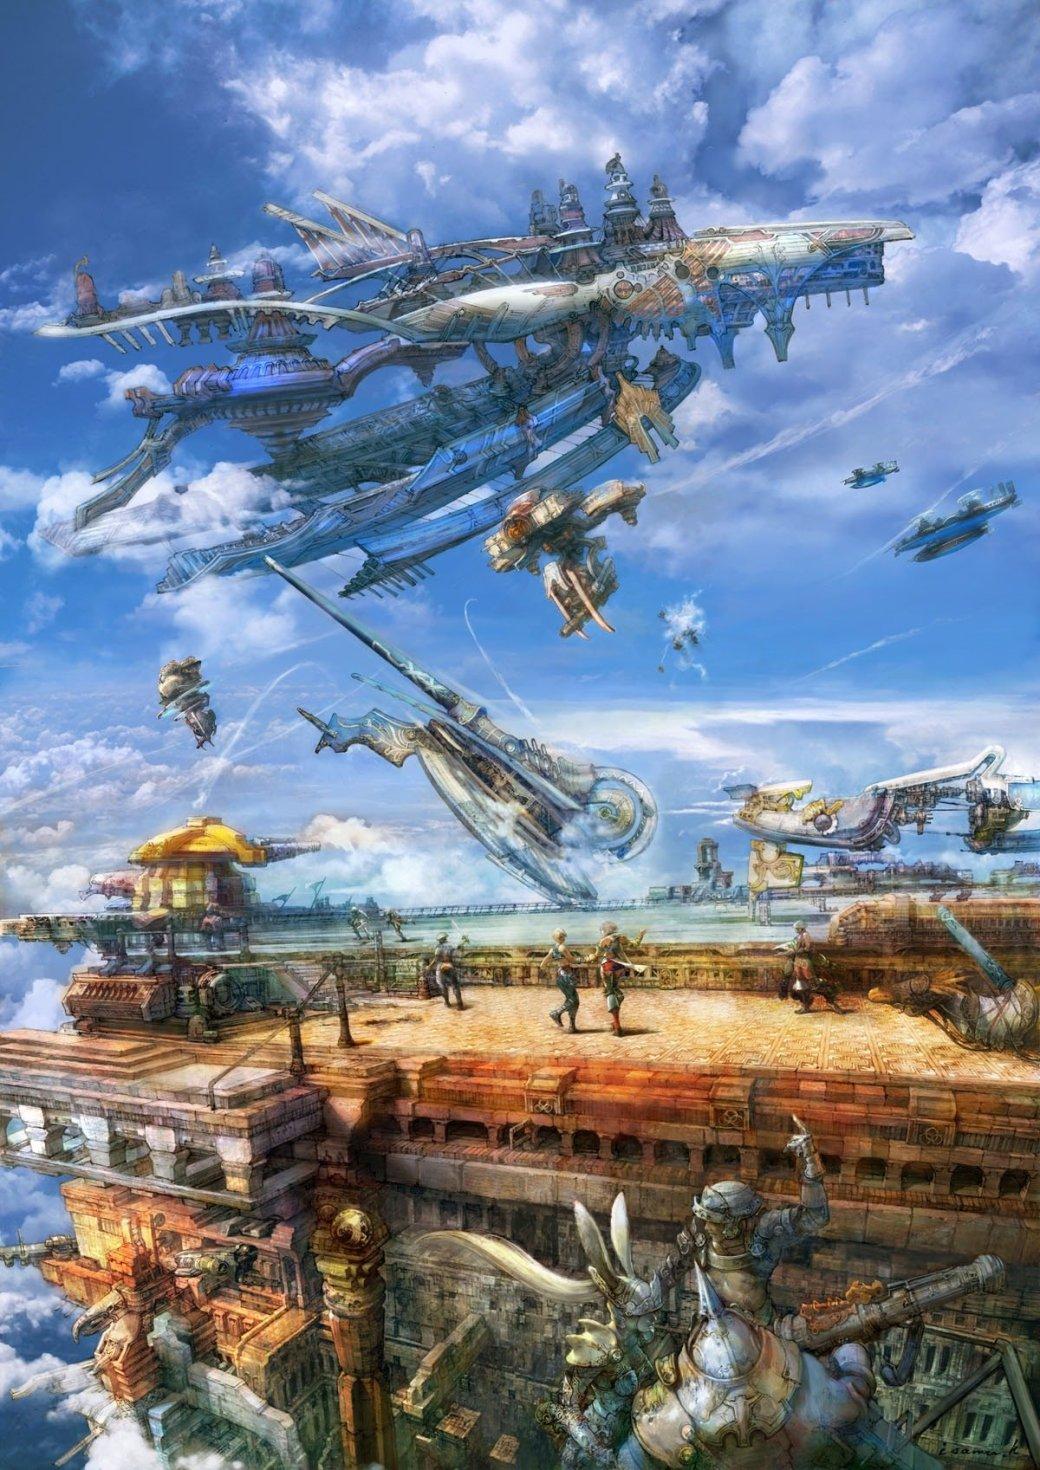 Рецензия на Final Fantasy XII: The Zodiac Age. Обзор игры - Изображение 3